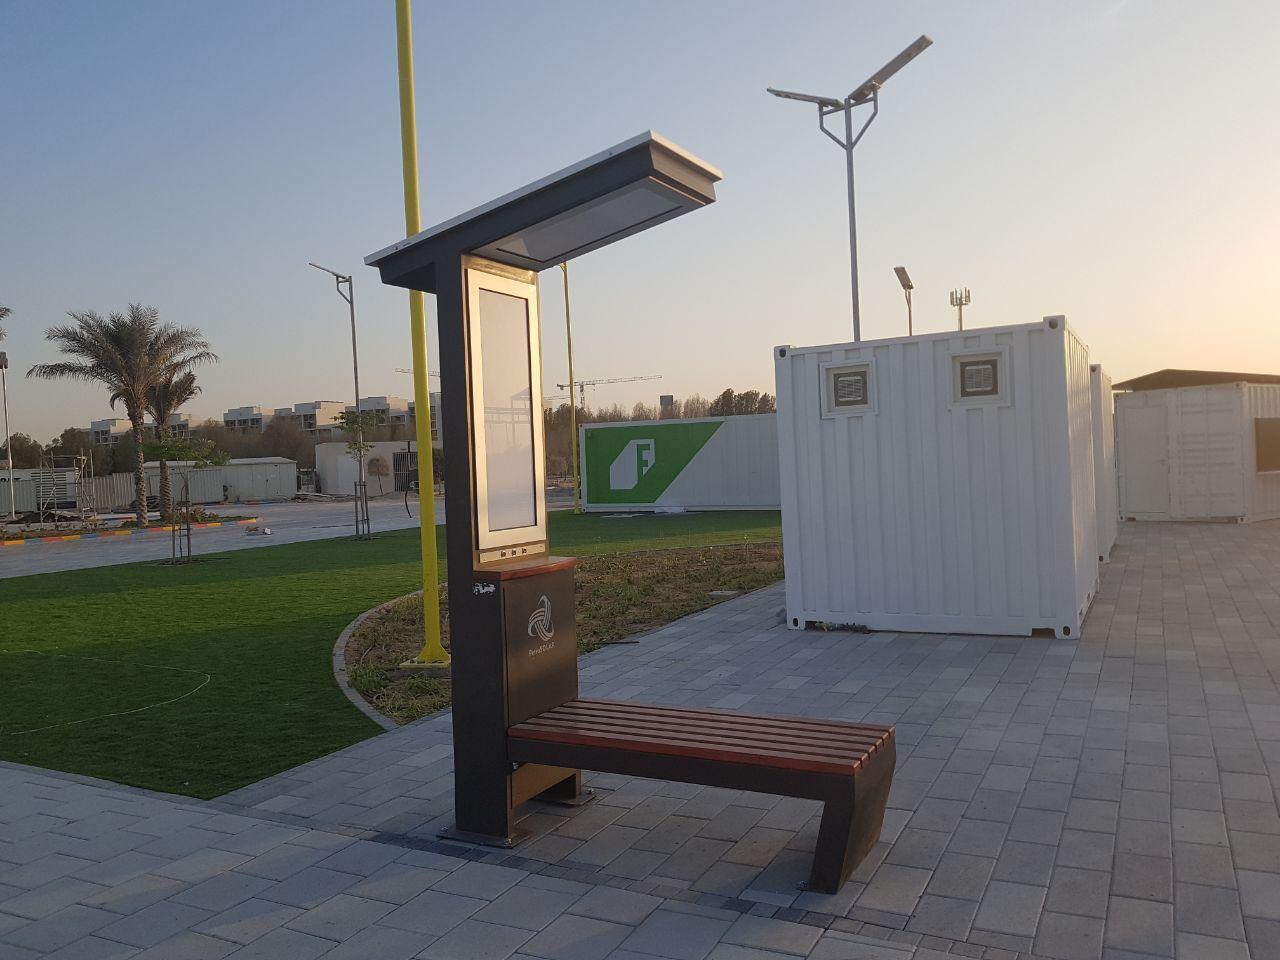 Novosadske pametne klupe isporucene za Abu Dabi / UAE